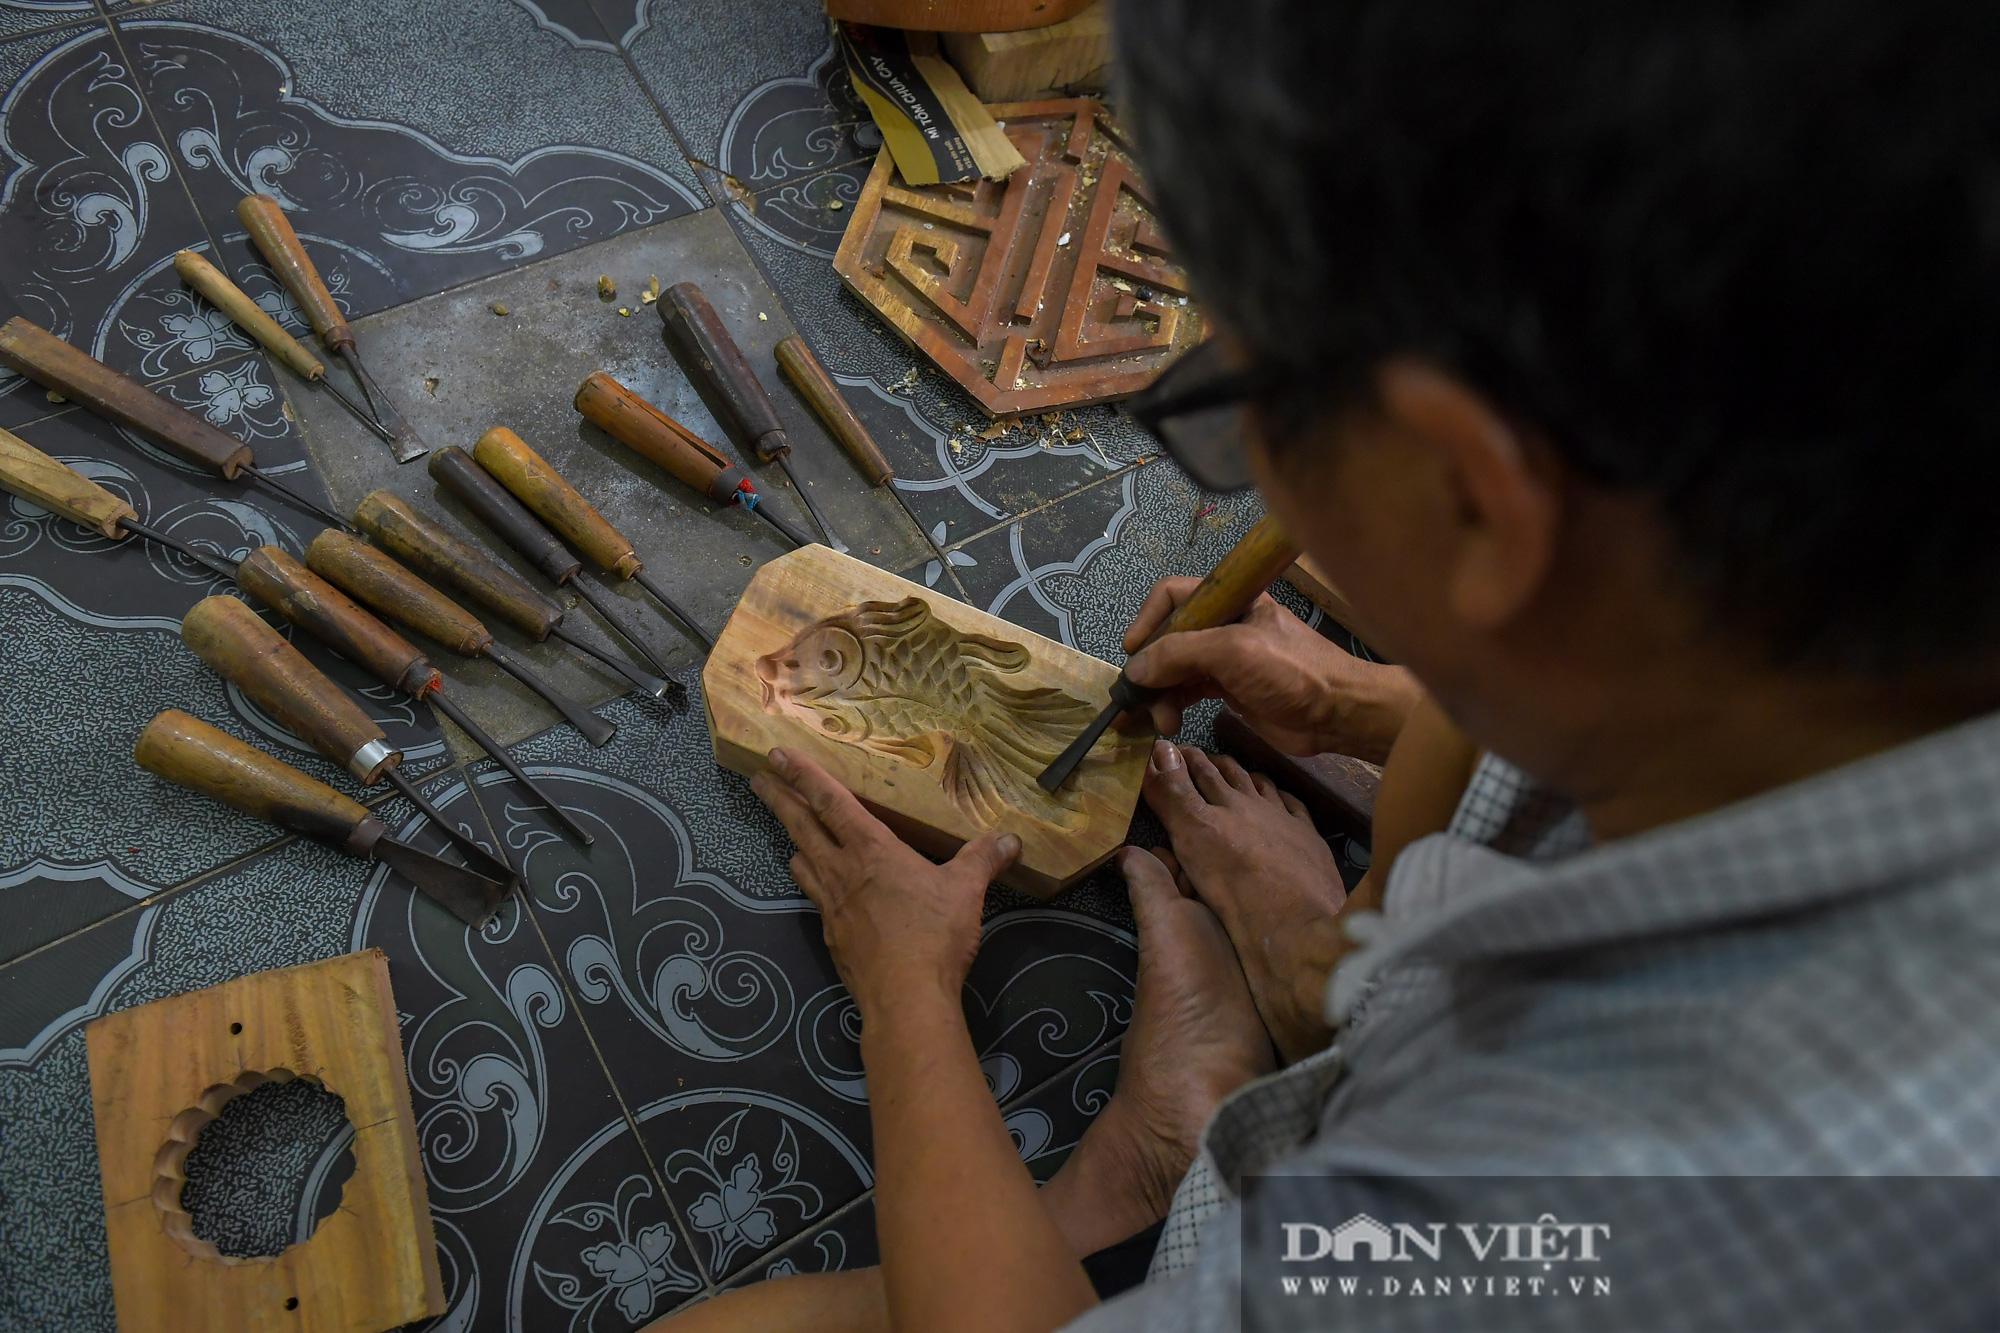 Chiêm ngưỡng kỹ năng điêu luyện của người đàn ông 40 năm làm khuôn bánh trung thu - Ảnh 9.